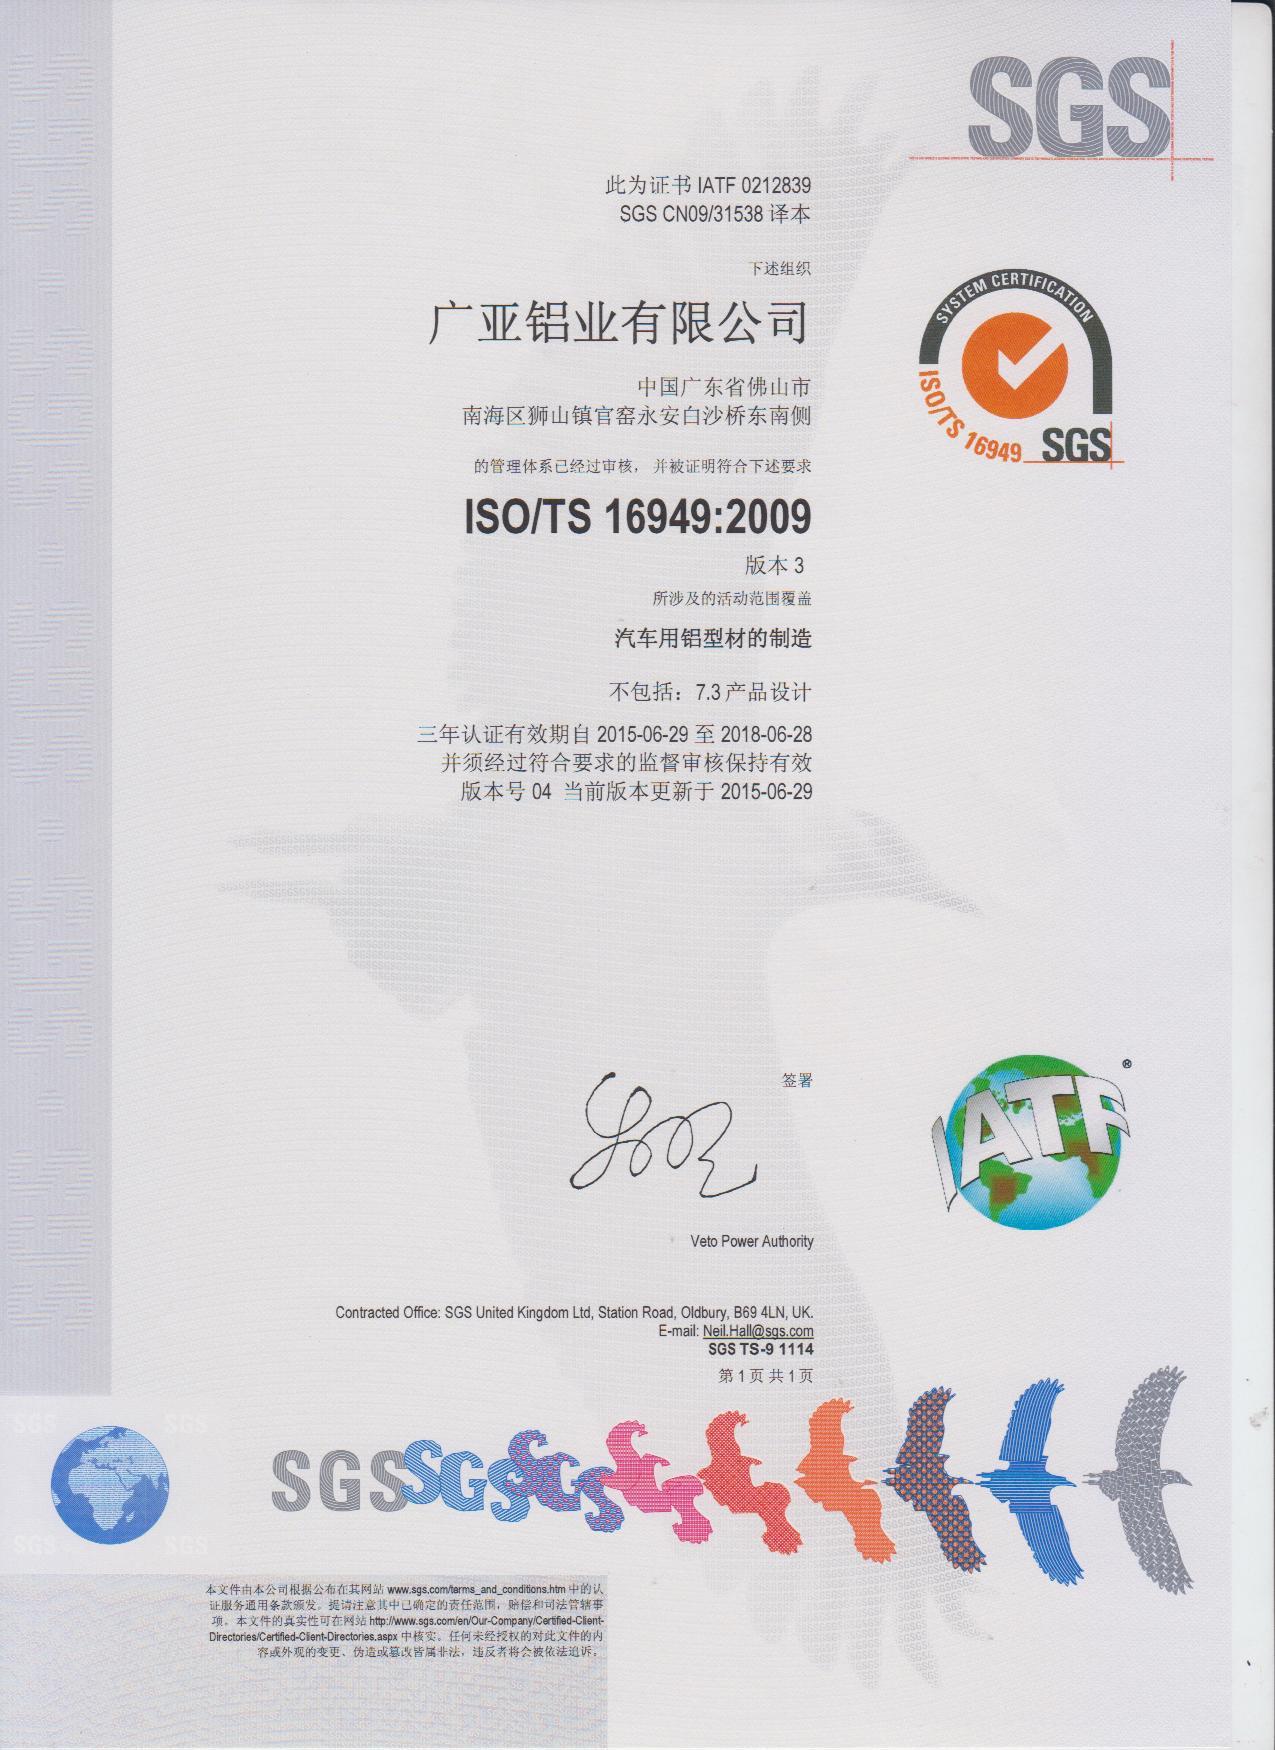 SGS TS16949